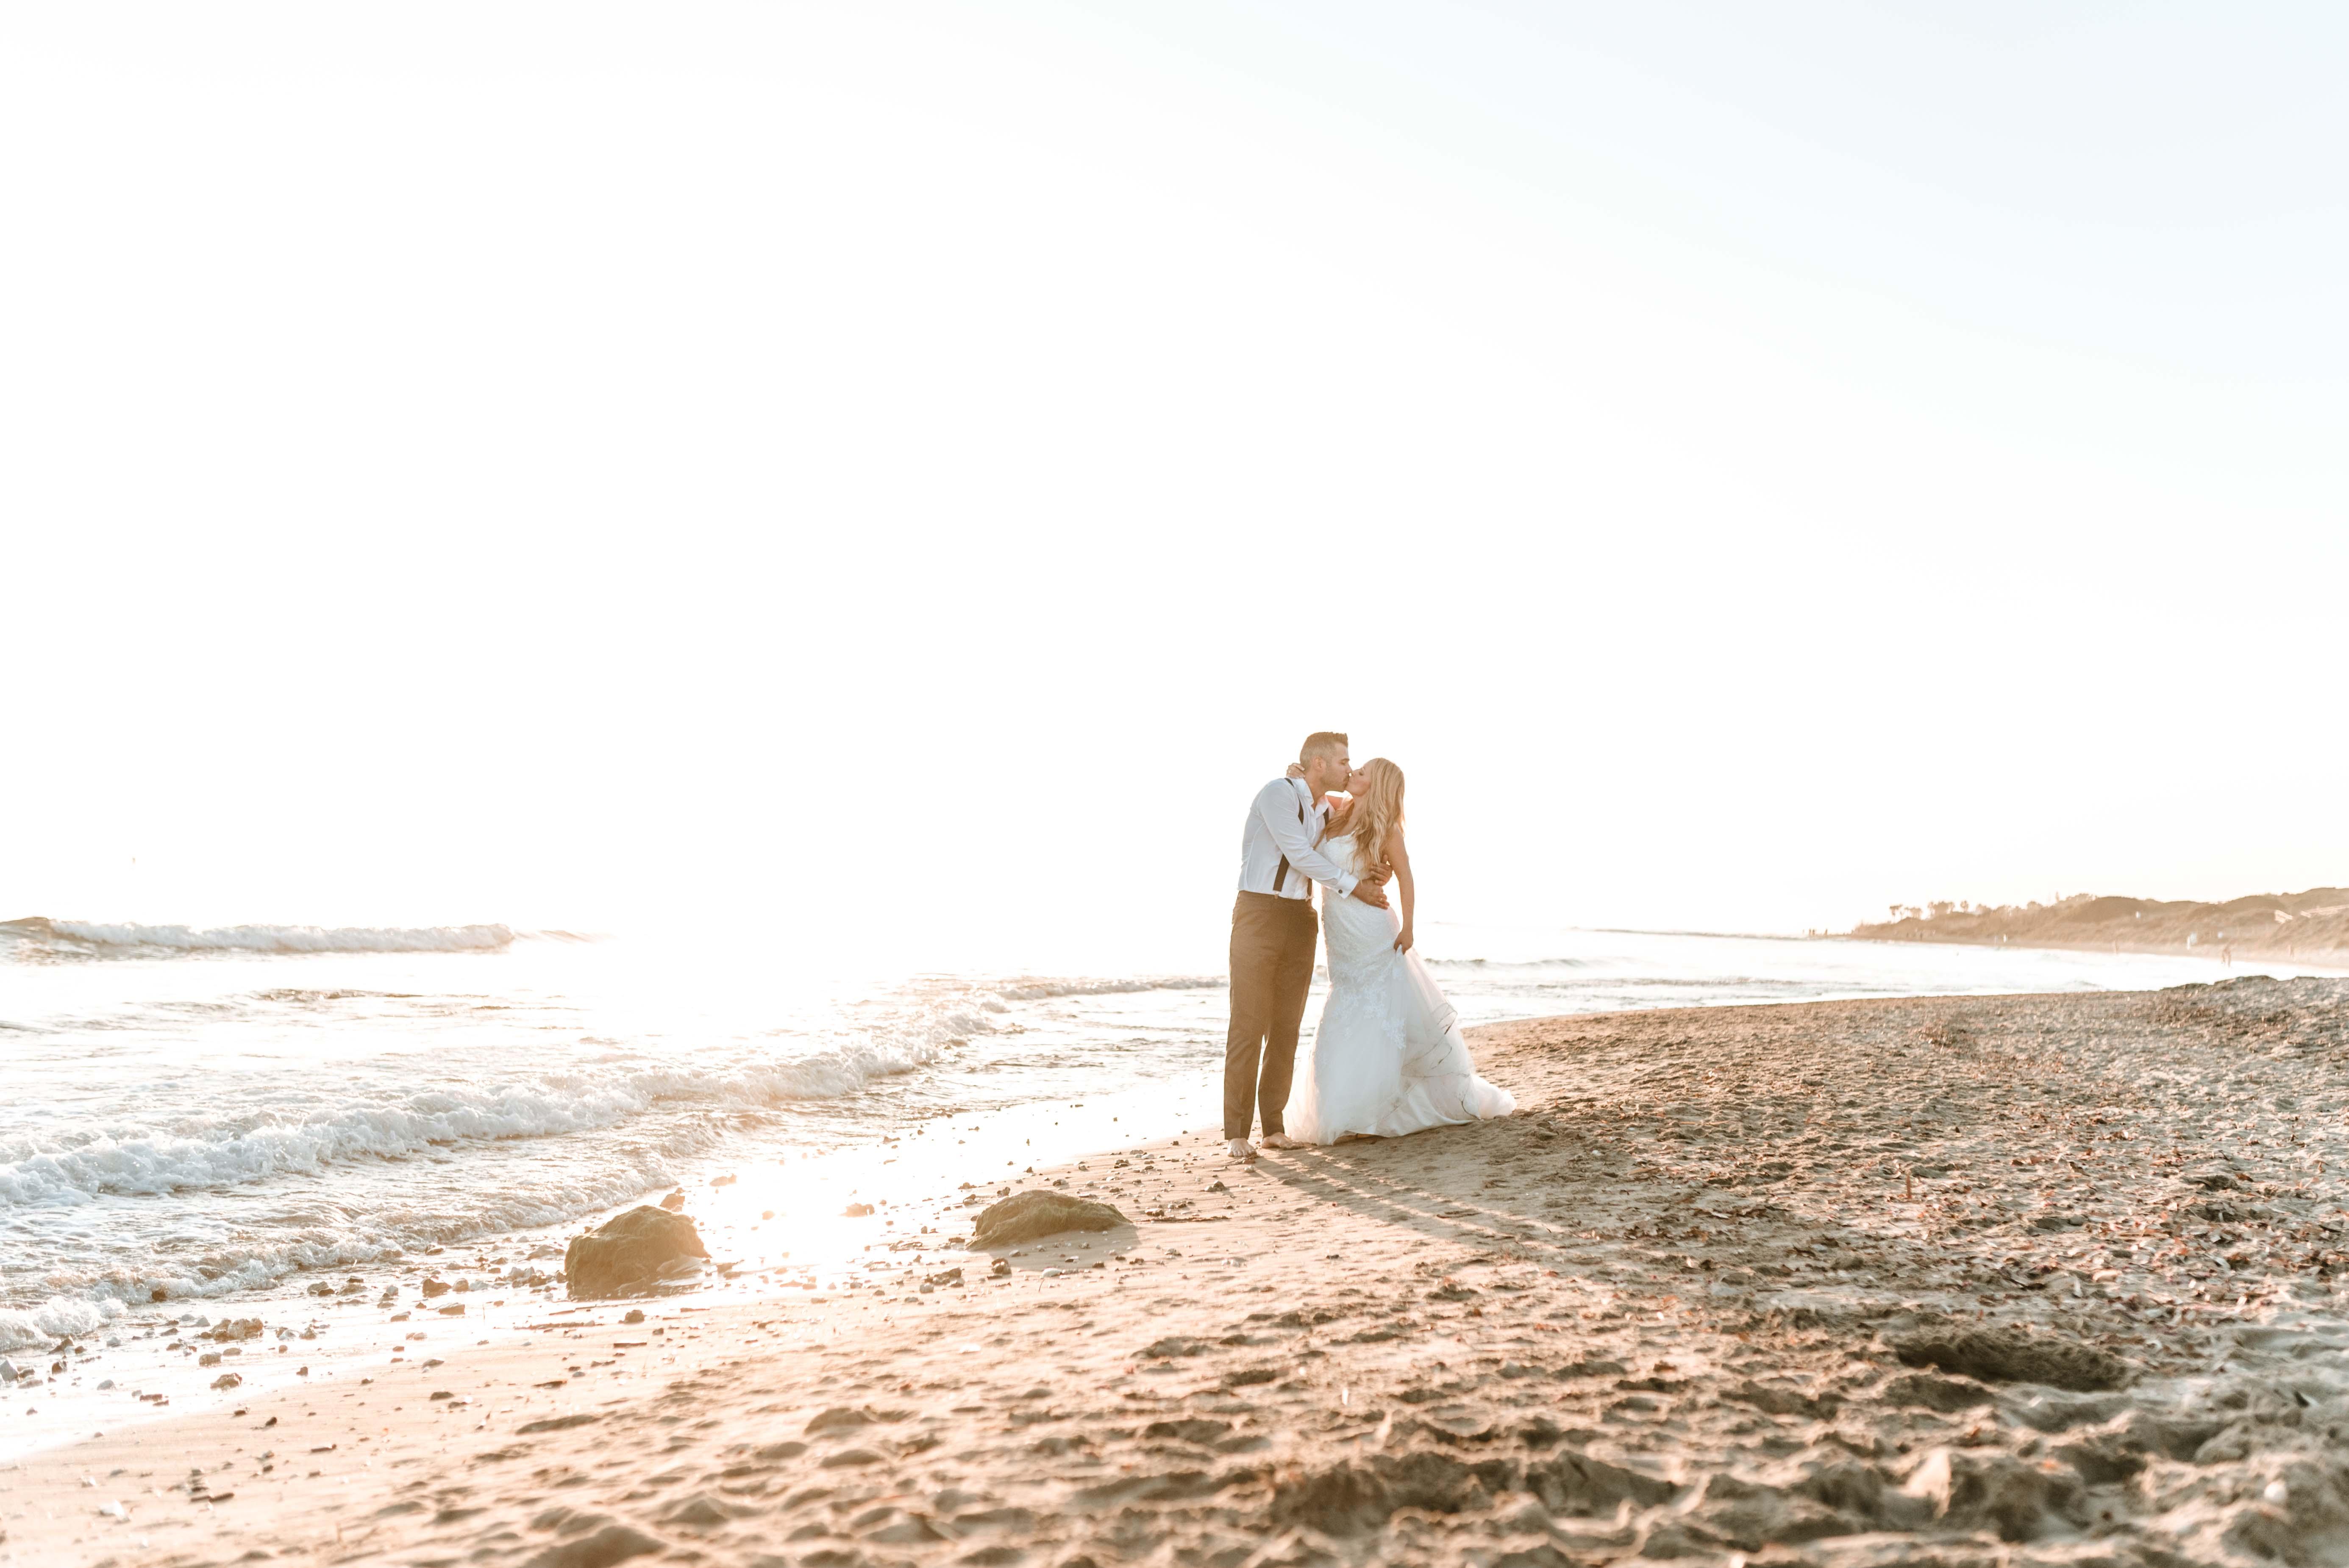 Postboda de Noelia & Daniel. Una postboda en la playa